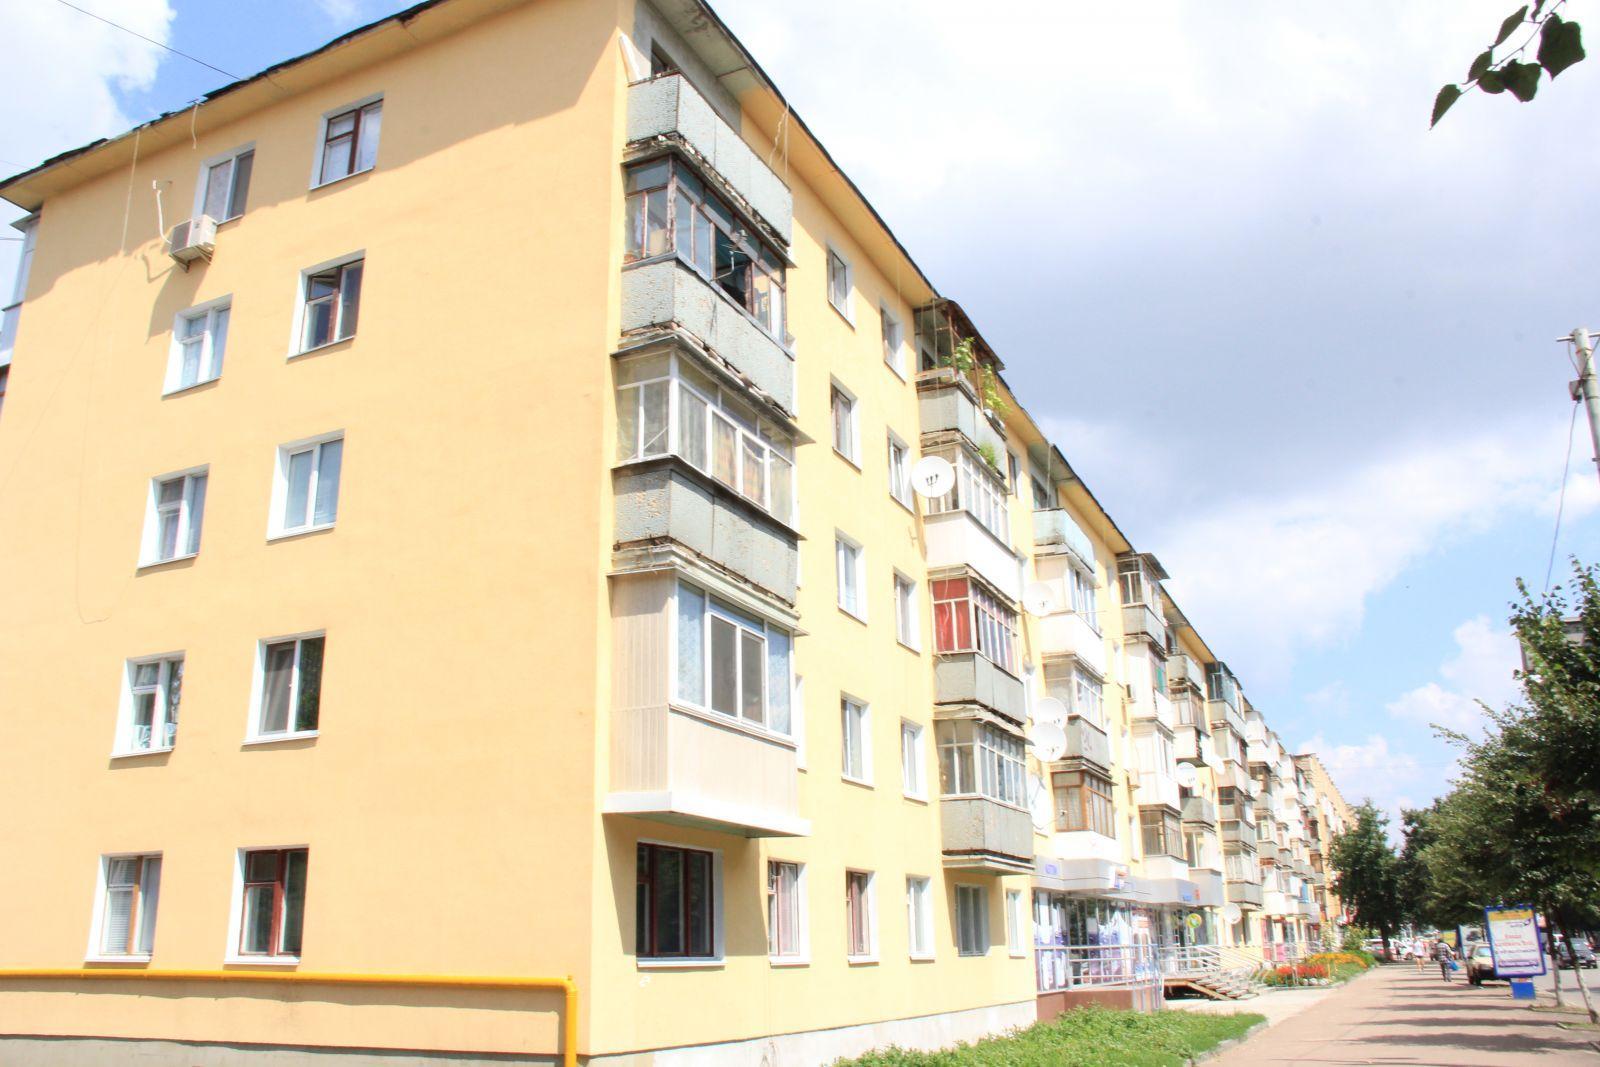 Житомир.info: Енергозбереження по-житомирськи: на утеплення одного будинку витратили мільйон з міського бюджету